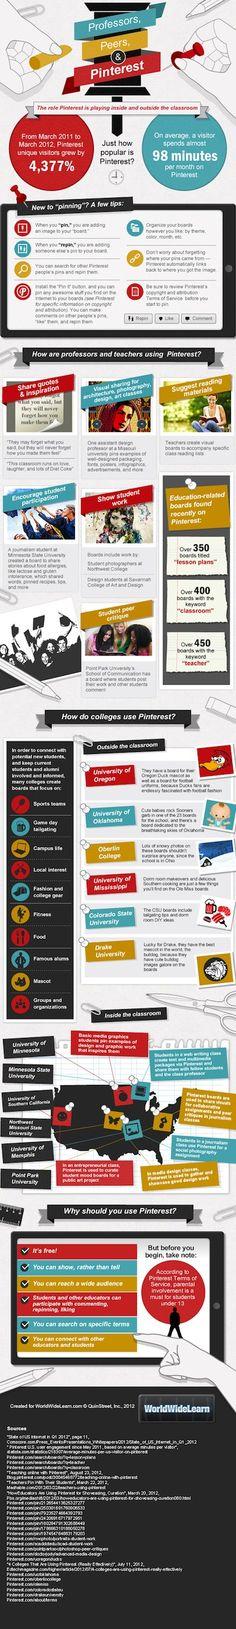 Infographie : Comment les enseignants peuvent utiliser Pinterest   BlogNT : Le Blog des Nouvelles Technologies dédié au Web, aux nouvelles technologies et au développement Web